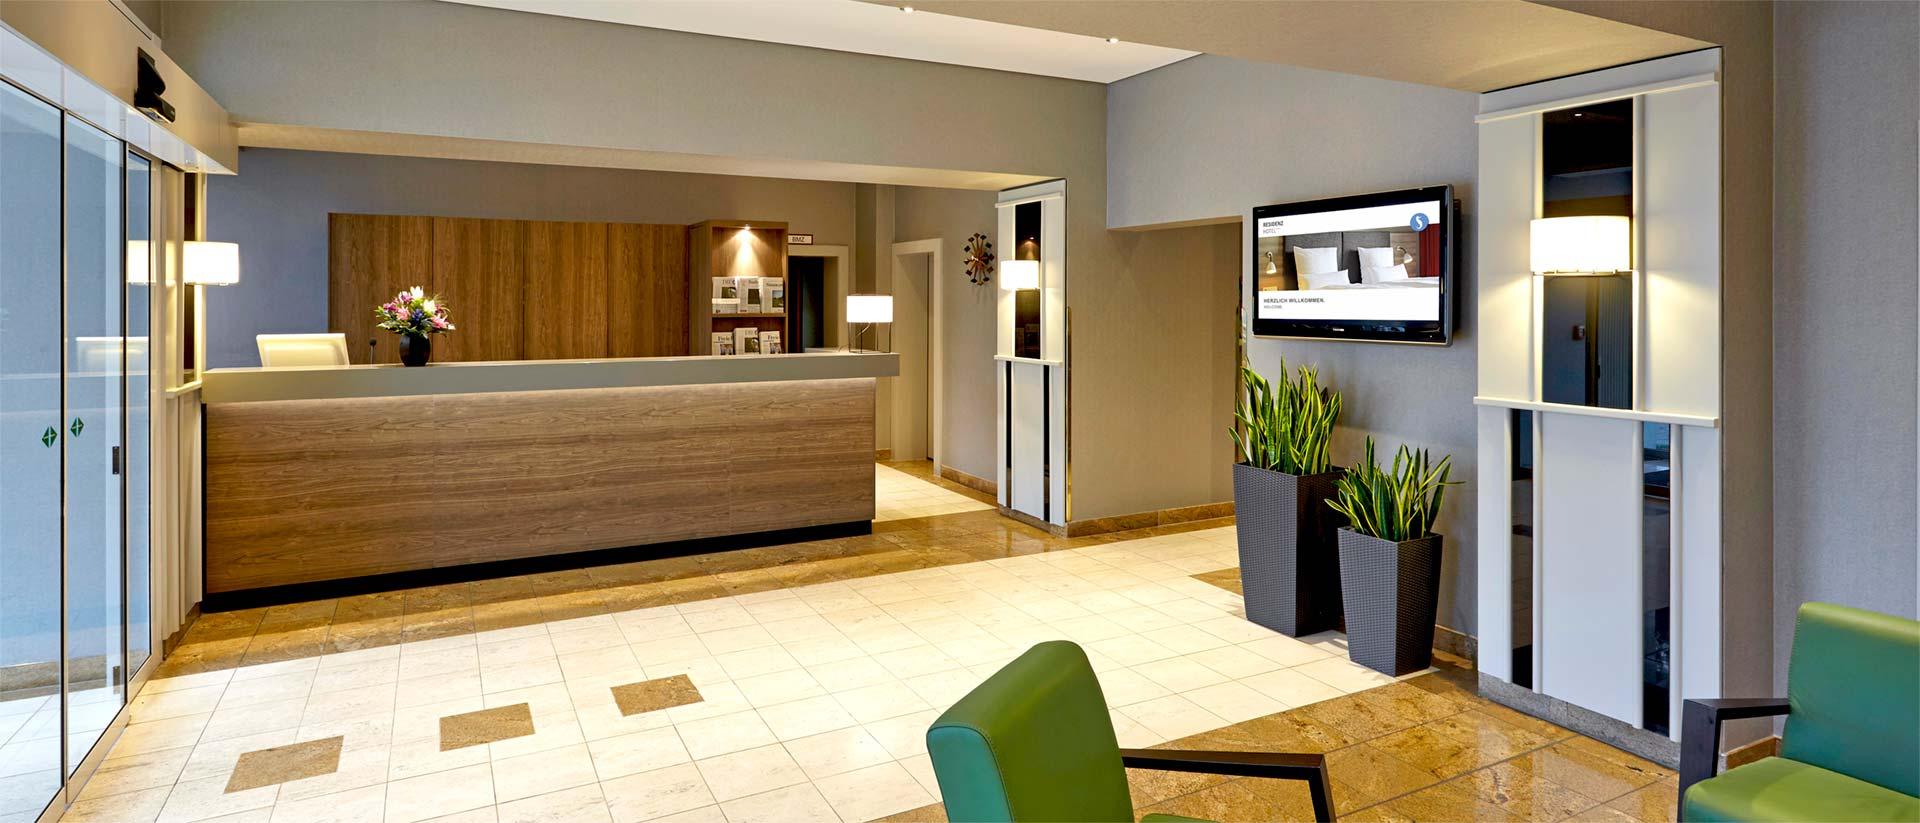 residenz hotel chemnitz zu gast bei freunden. Black Bedroom Furniture Sets. Home Design Ideas